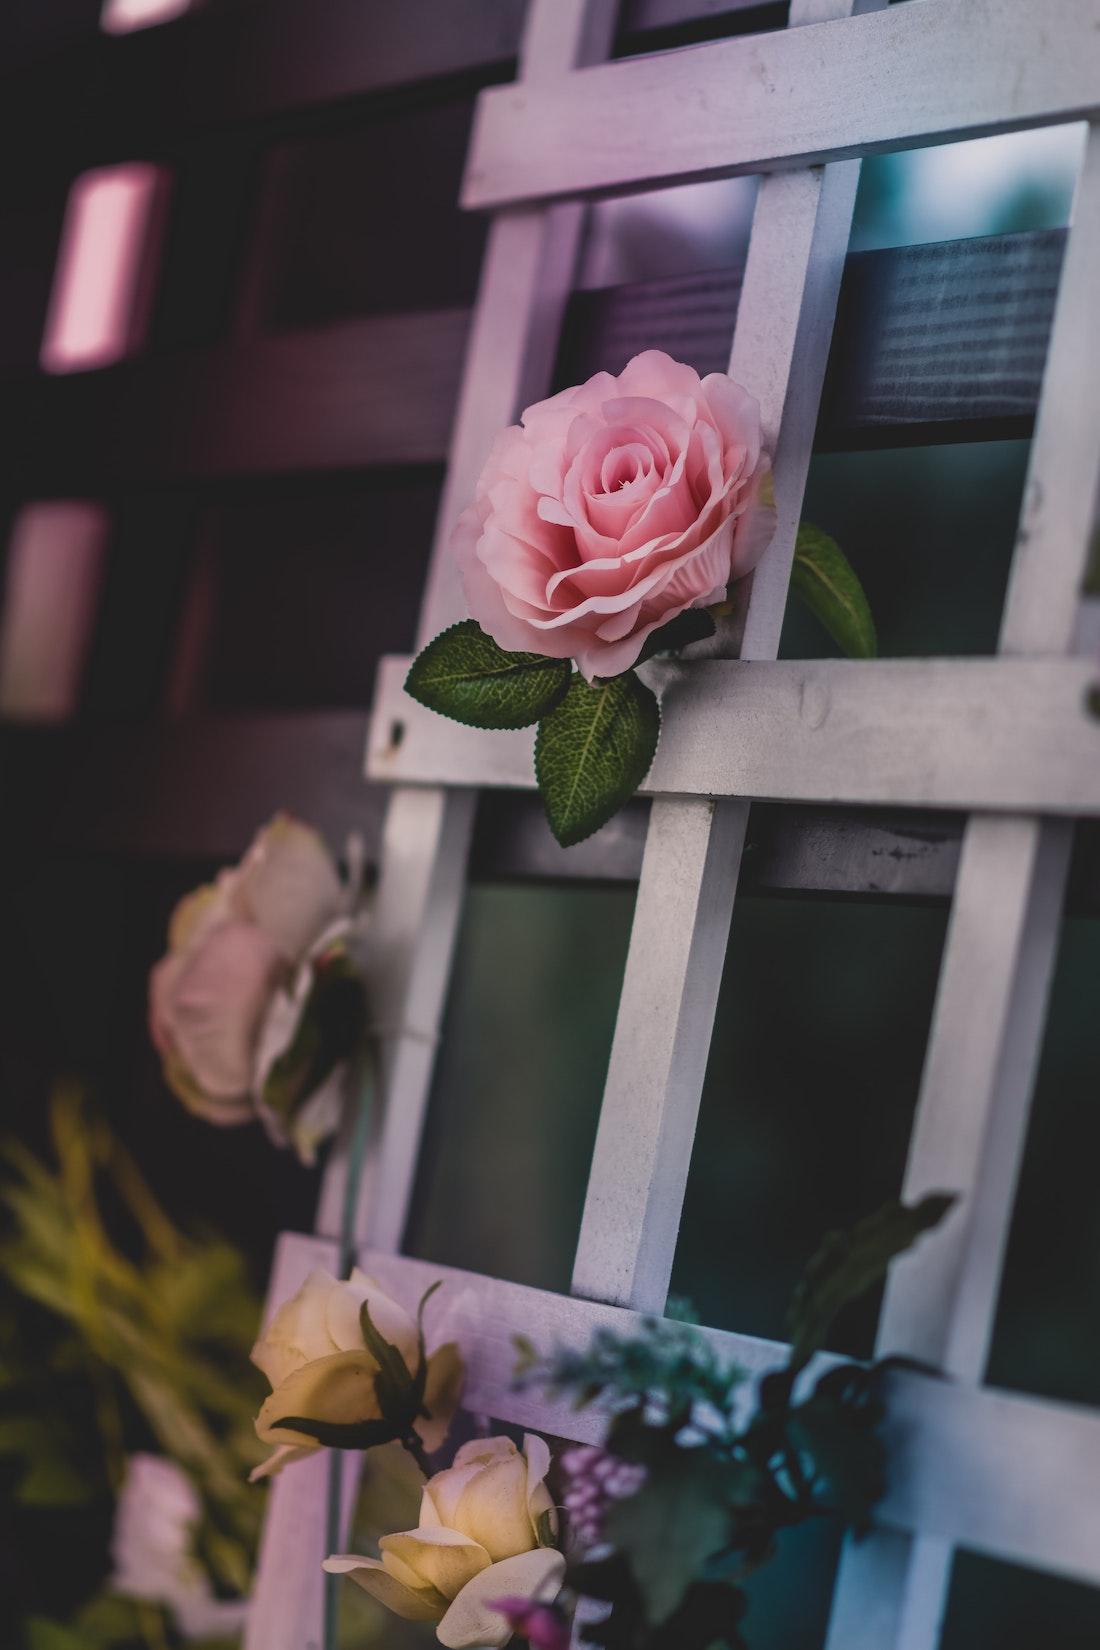 Rose blooming on trellis